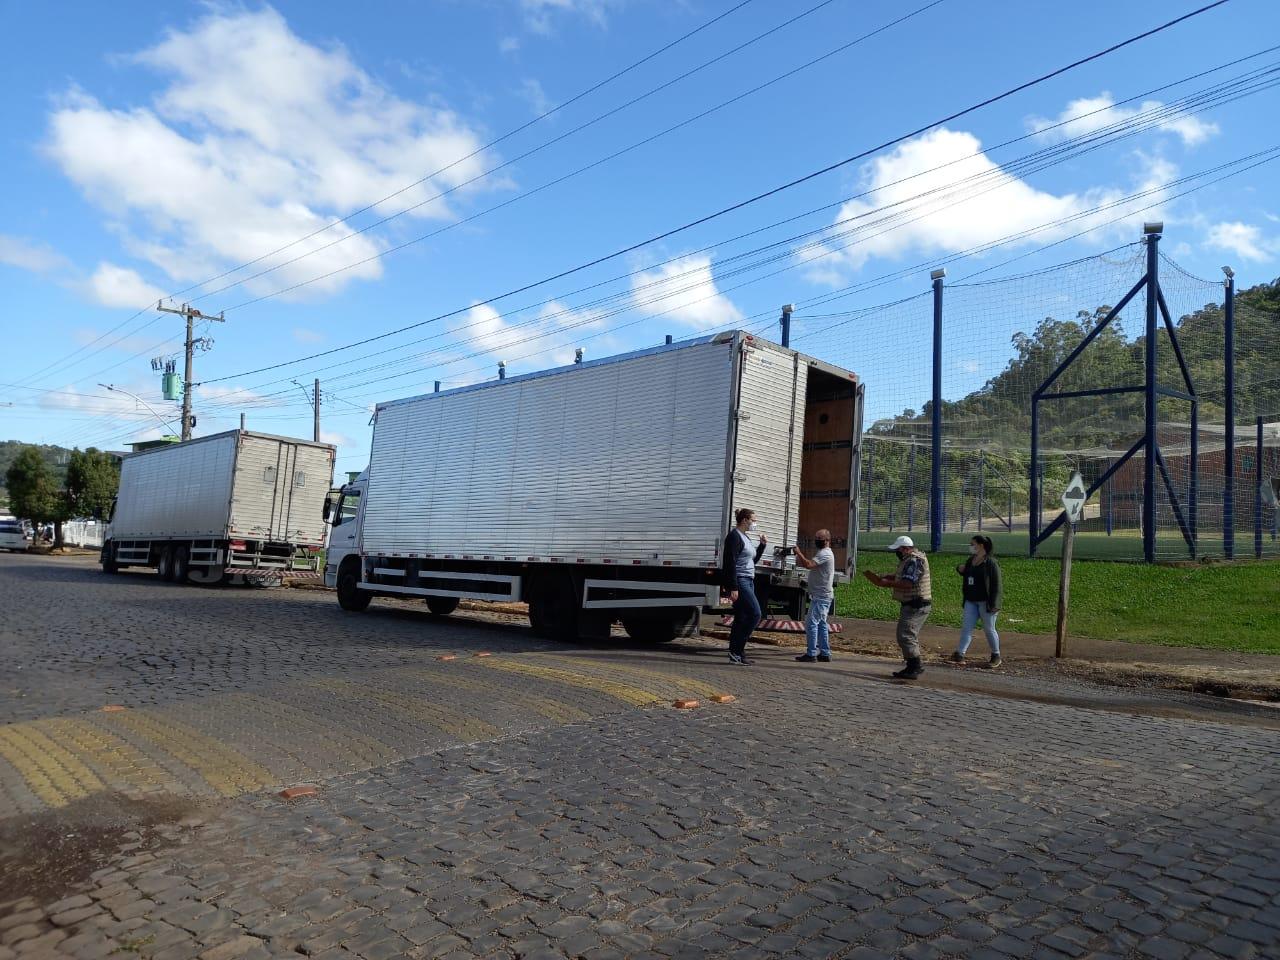 BM de Arroio do Tigre realiza Operação em combate ao furto abigeato